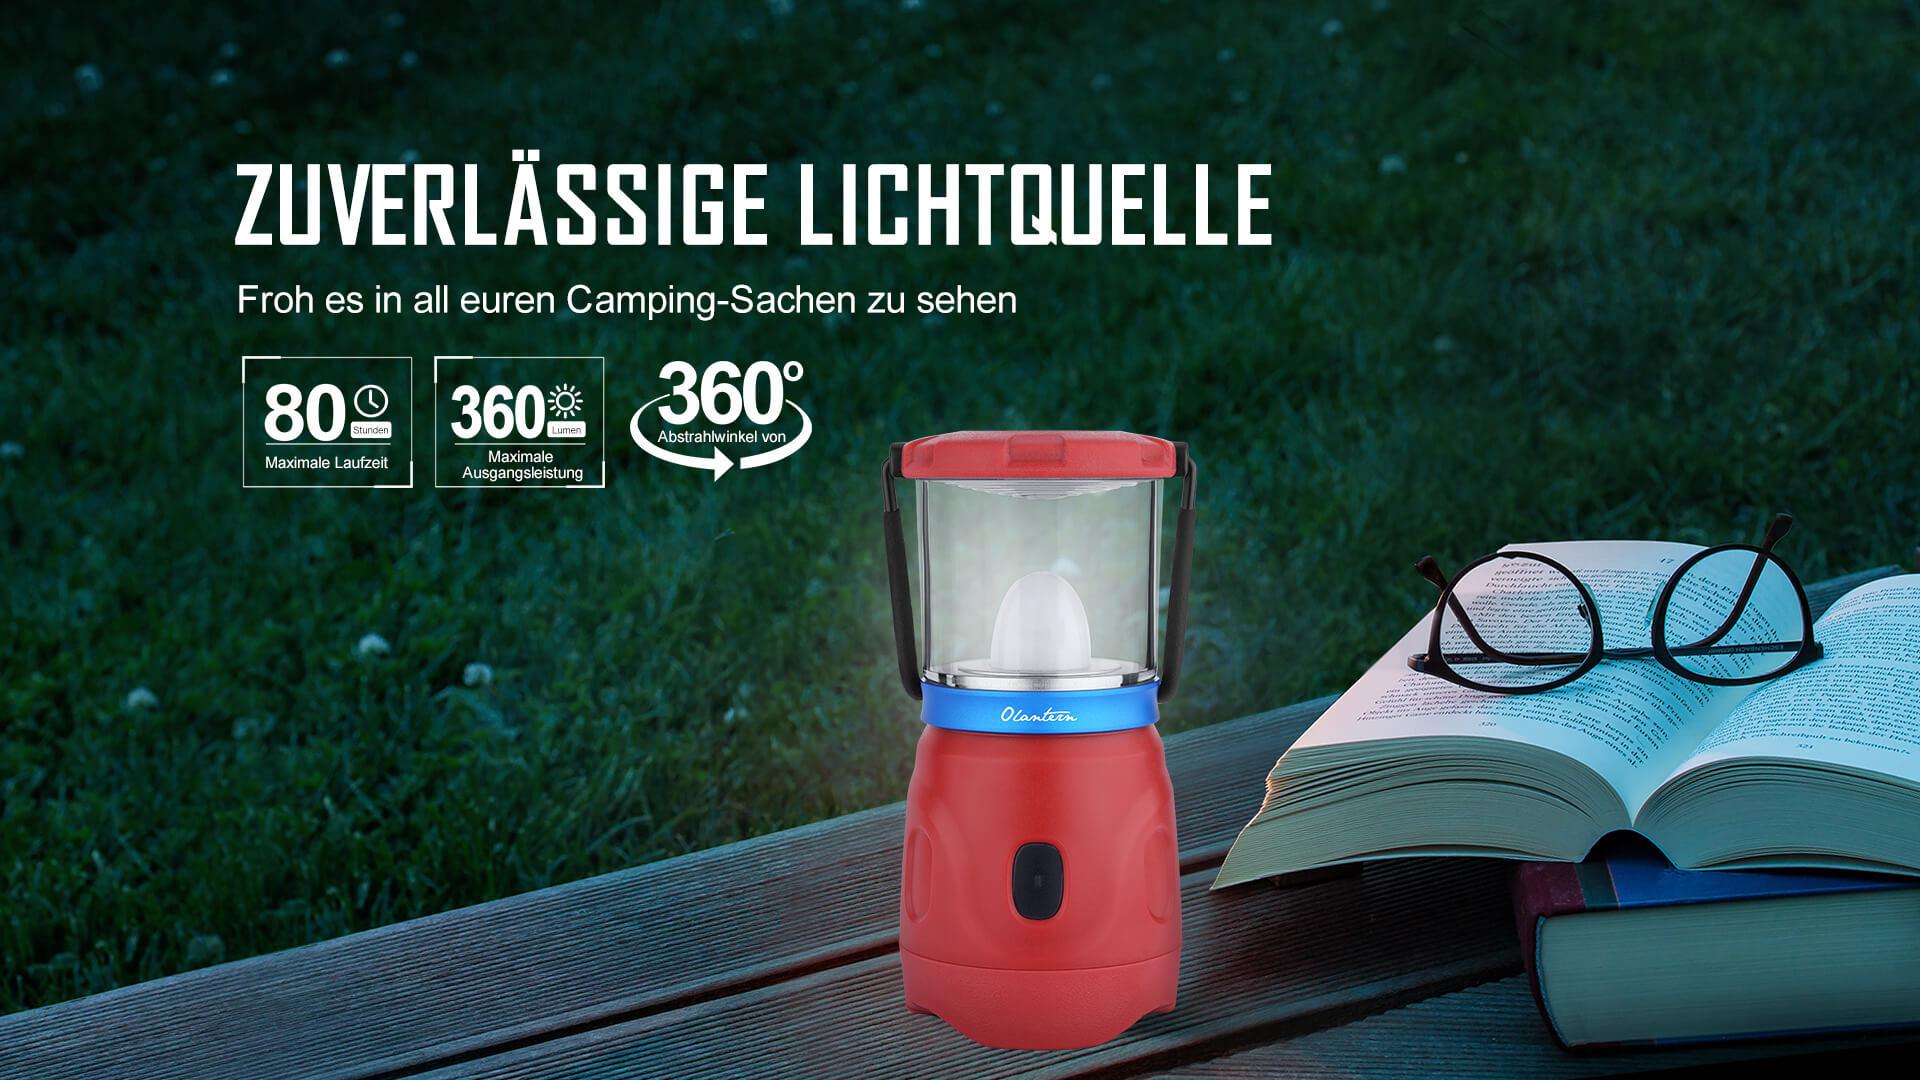 Olight Olantern mit der gleichmäßigen 360° Beleuchtung